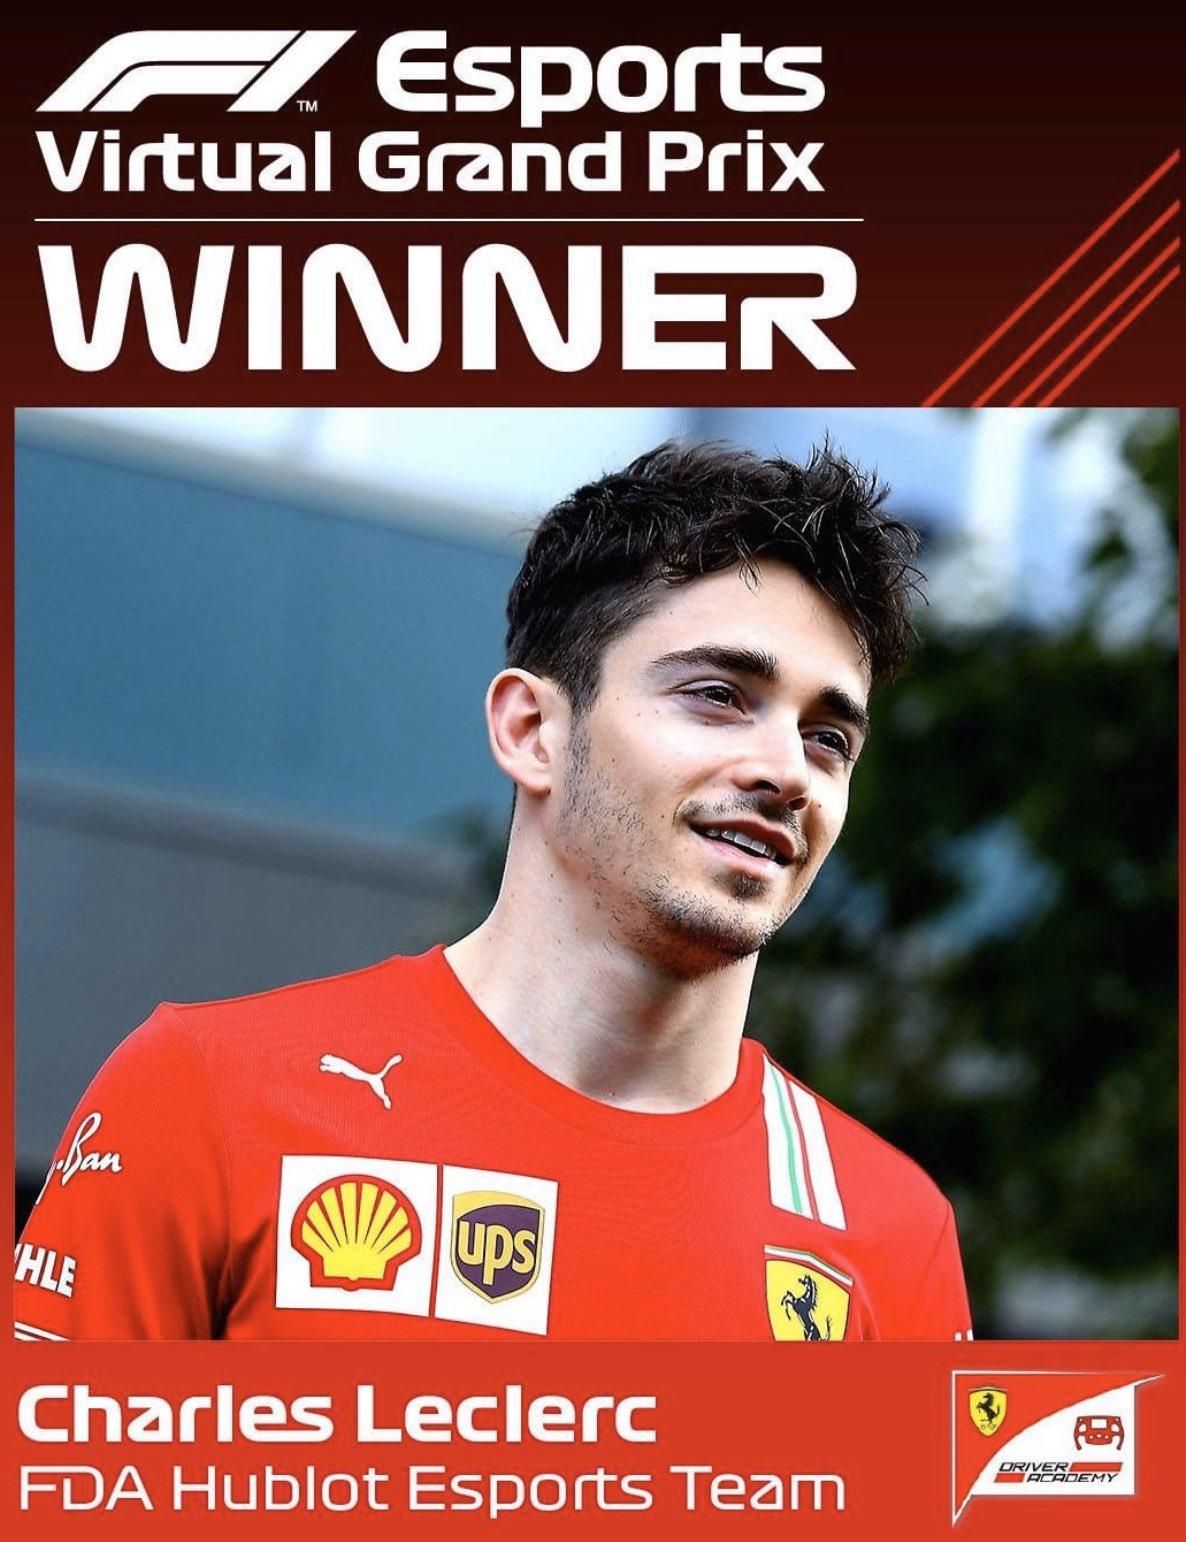 Charles Leclerc remporte le Grand Prix d'Australie virtuel